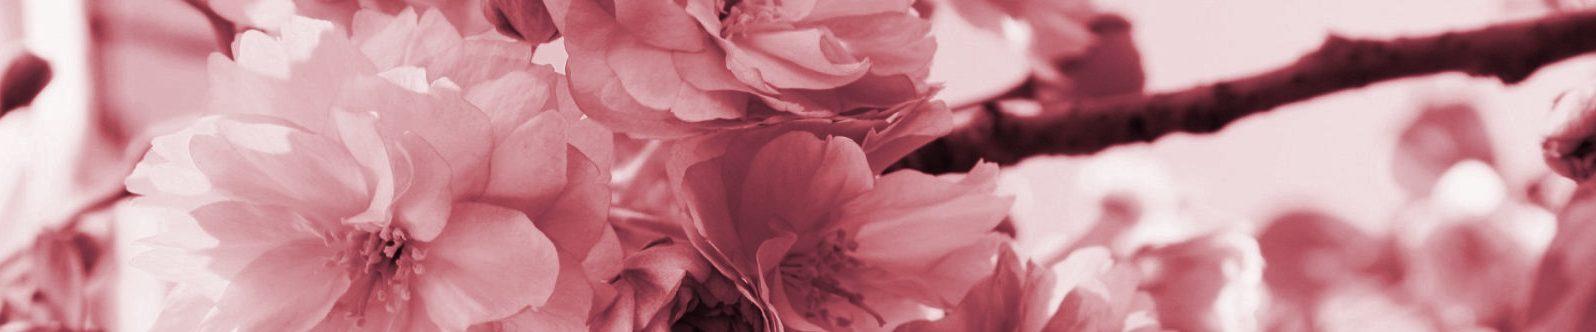 fiori rosa- cornice